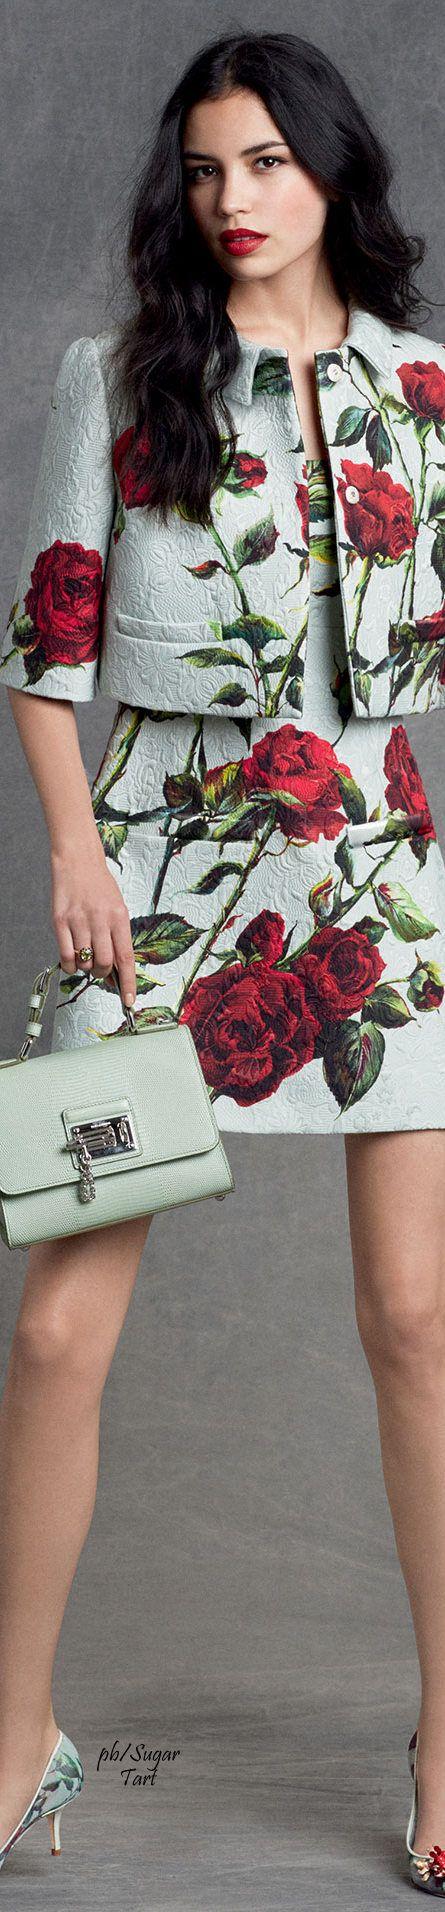 Conjunto floral …